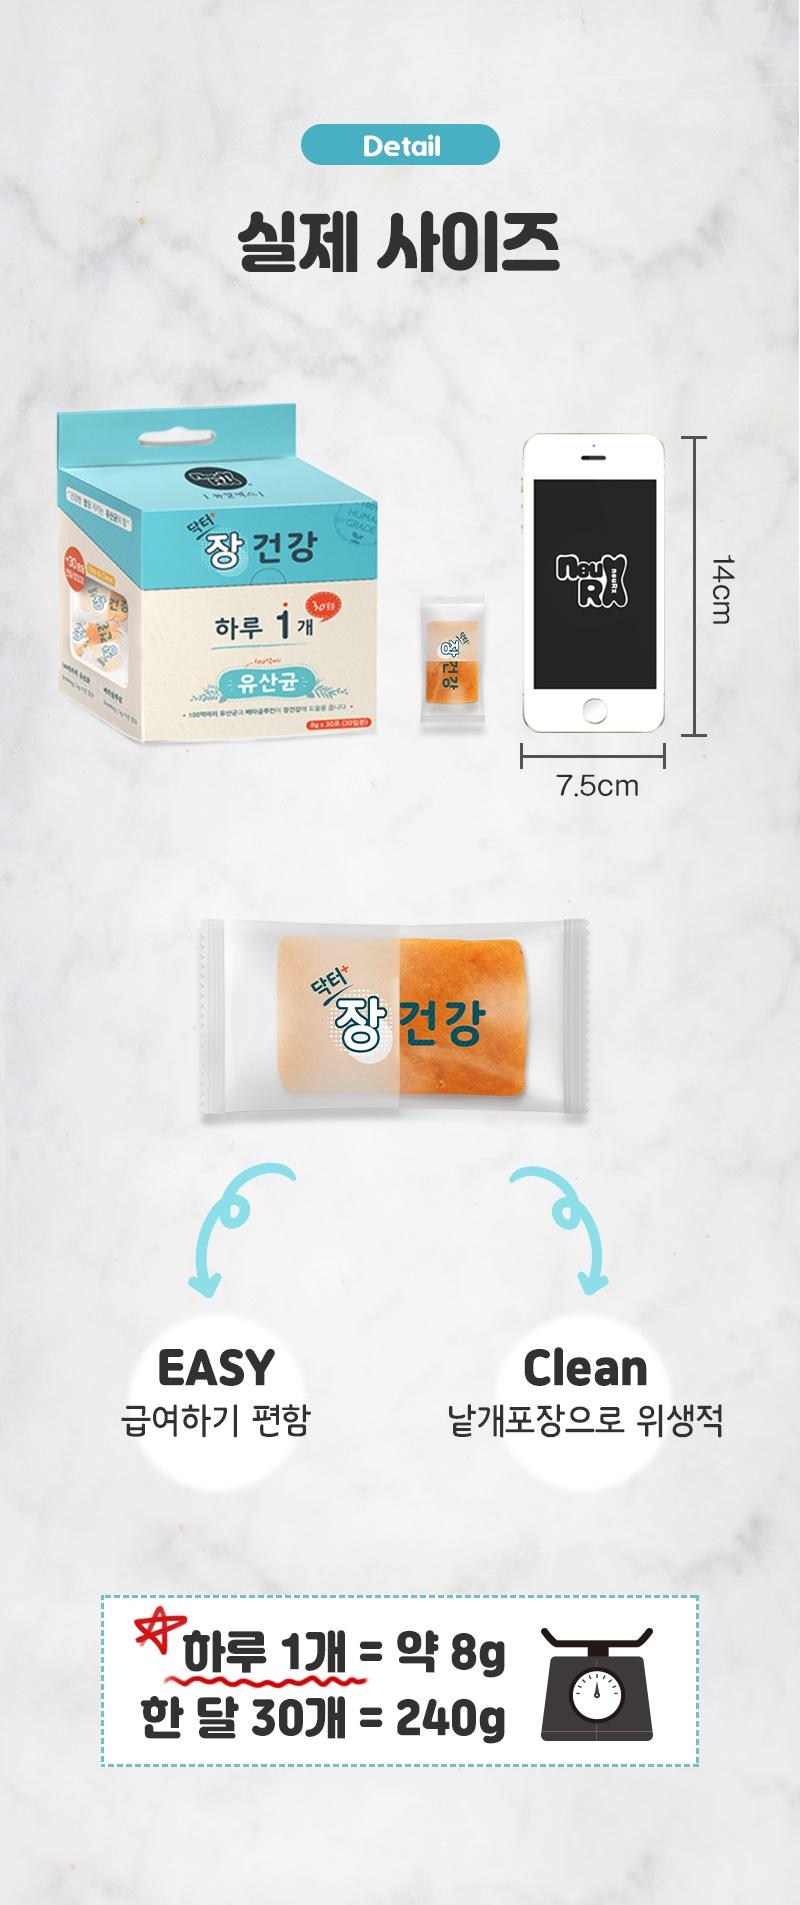 뉴알엑스 닥터 장 건강 (240g)-상품이미지-4